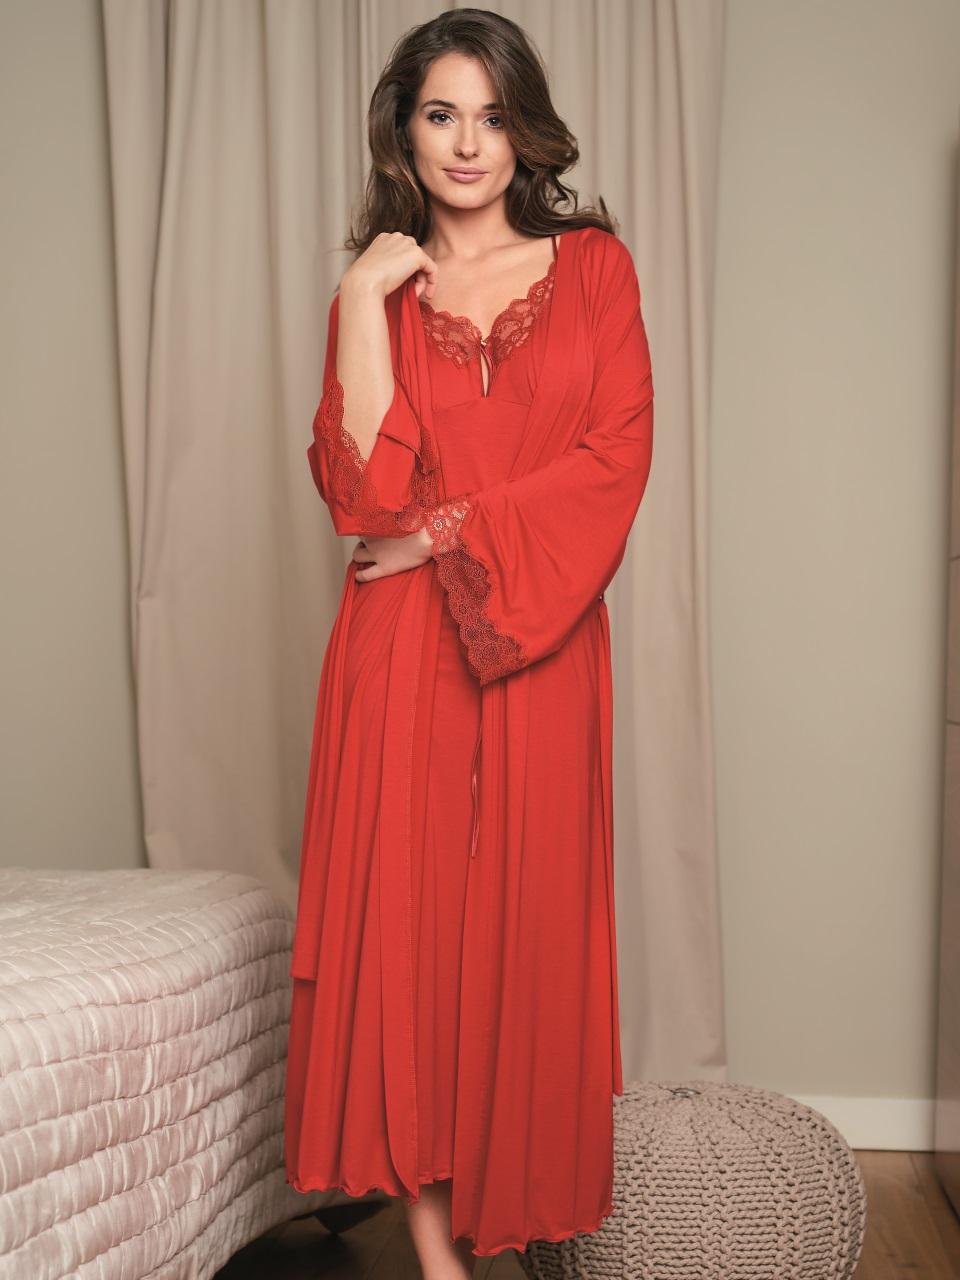 Valentina 3018 Vestaglia<br />02 Black, 61 Red